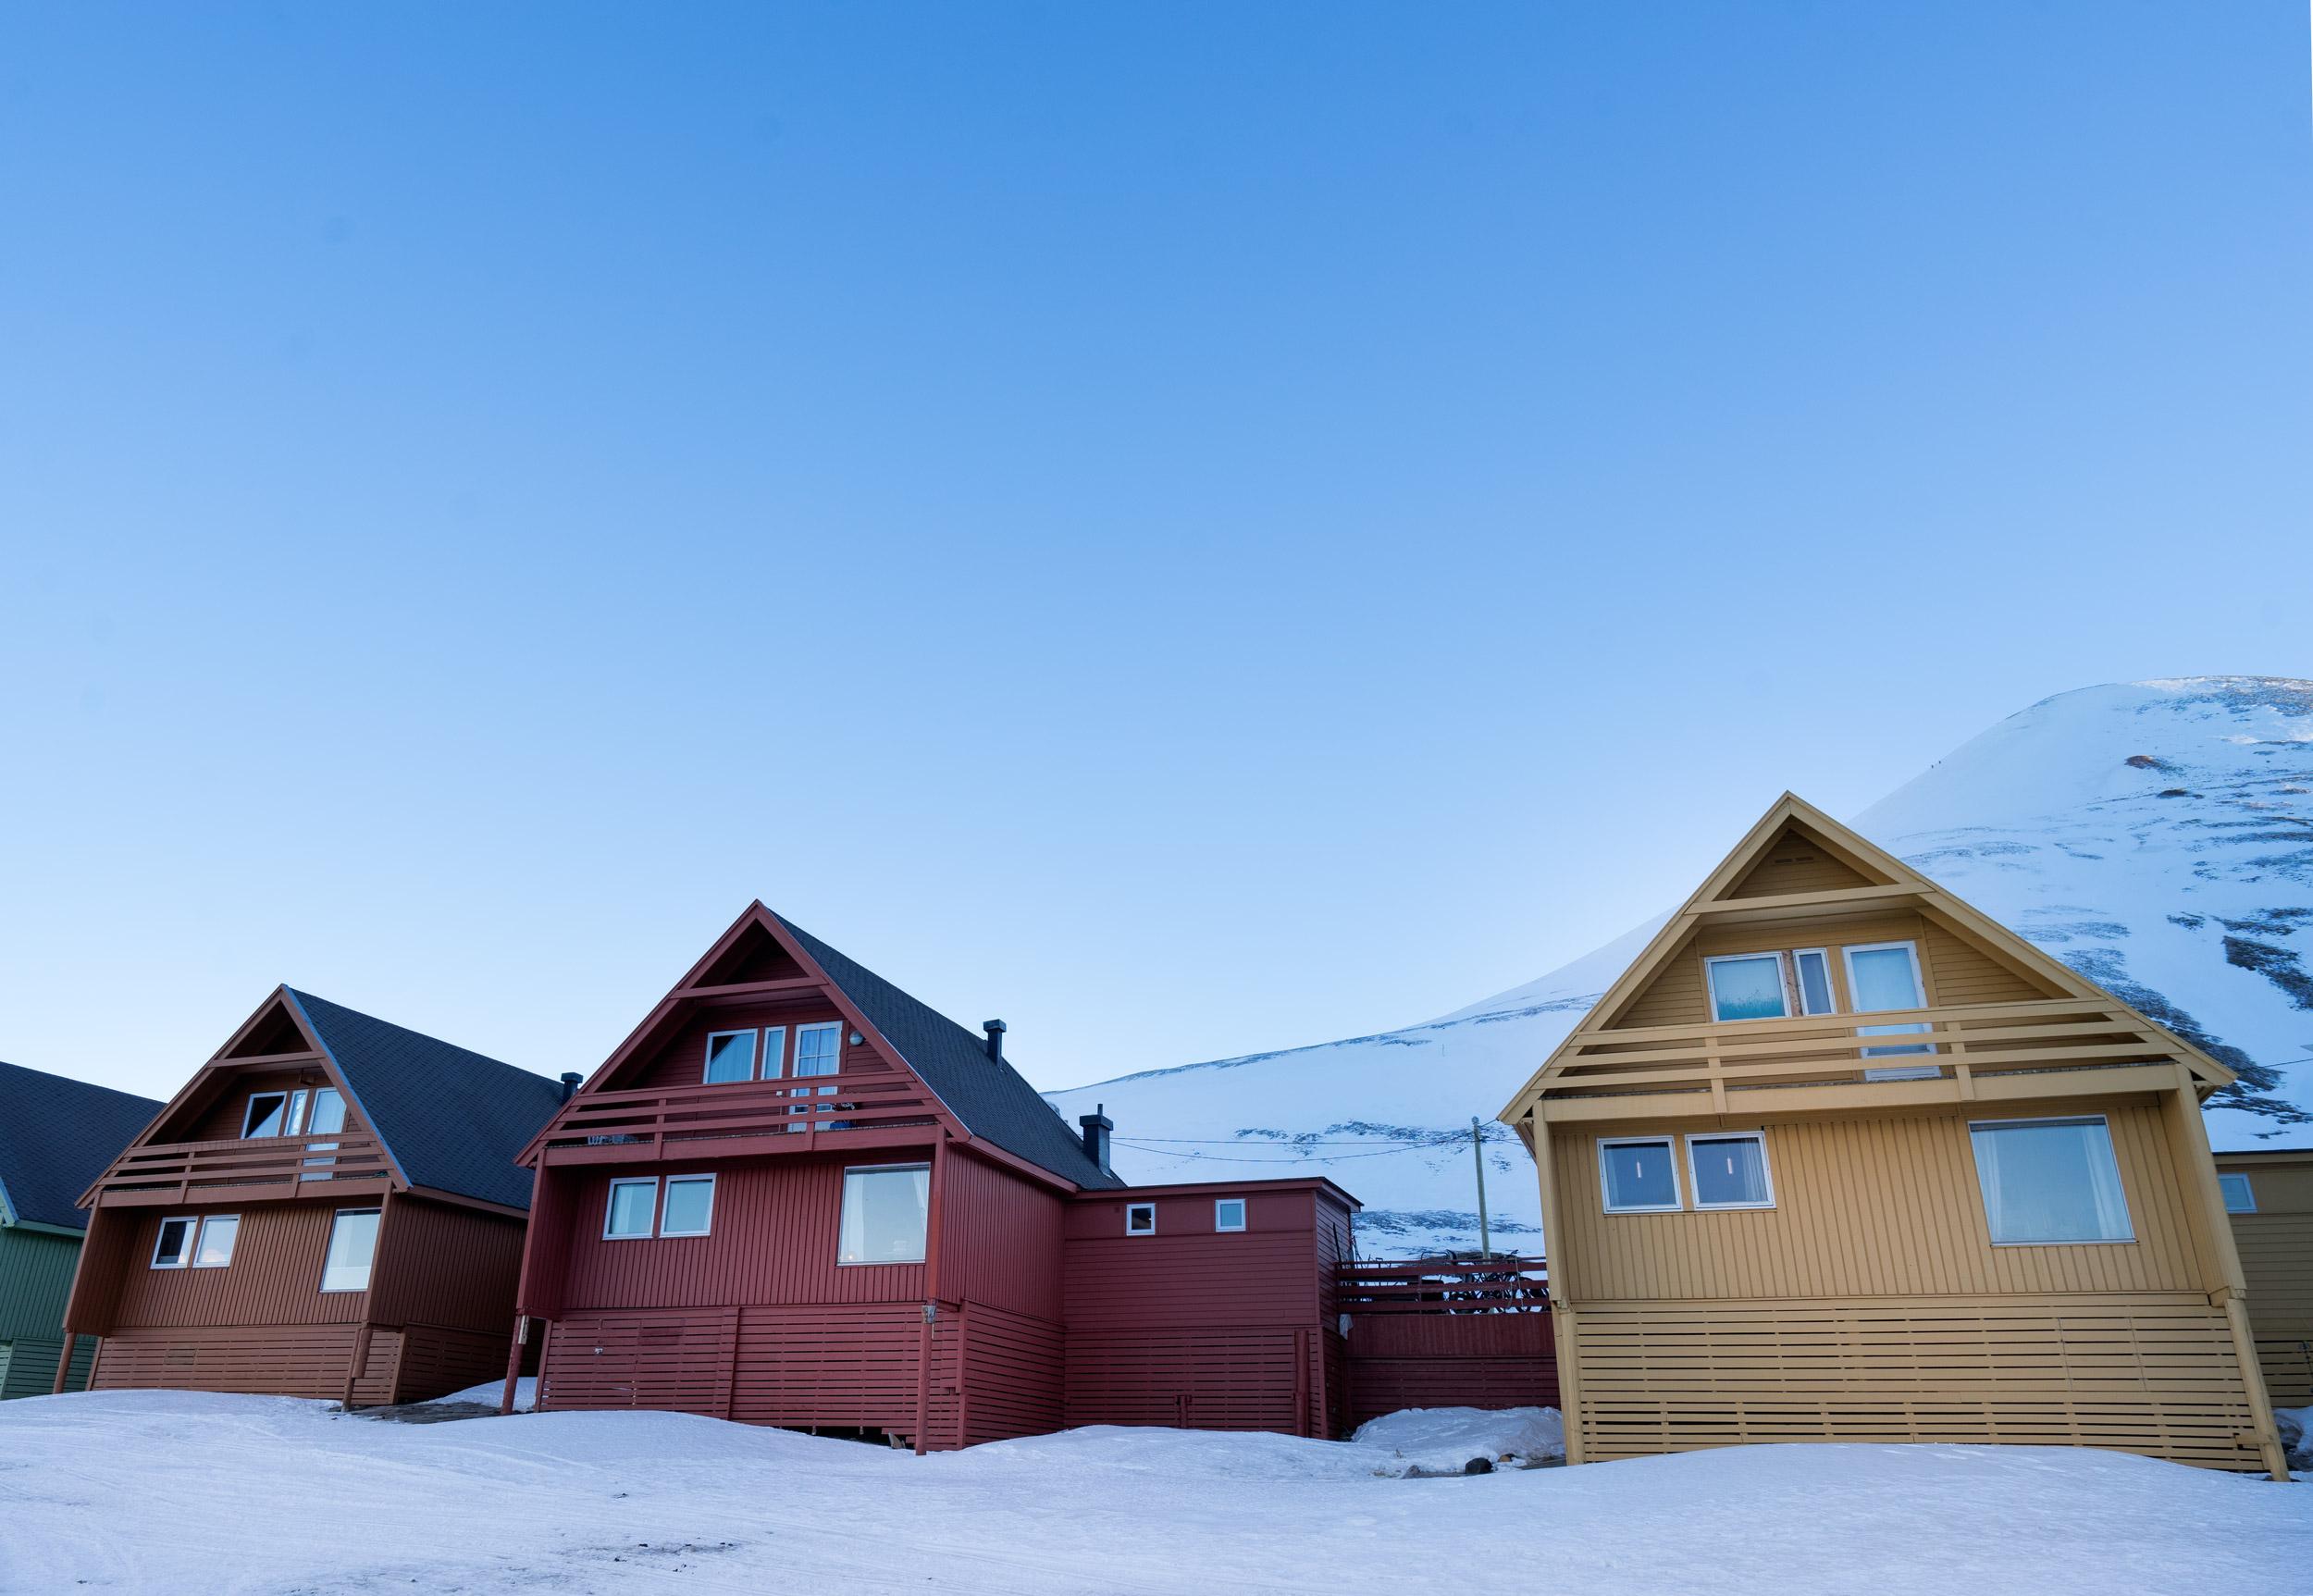 Casette-Longyearbyen